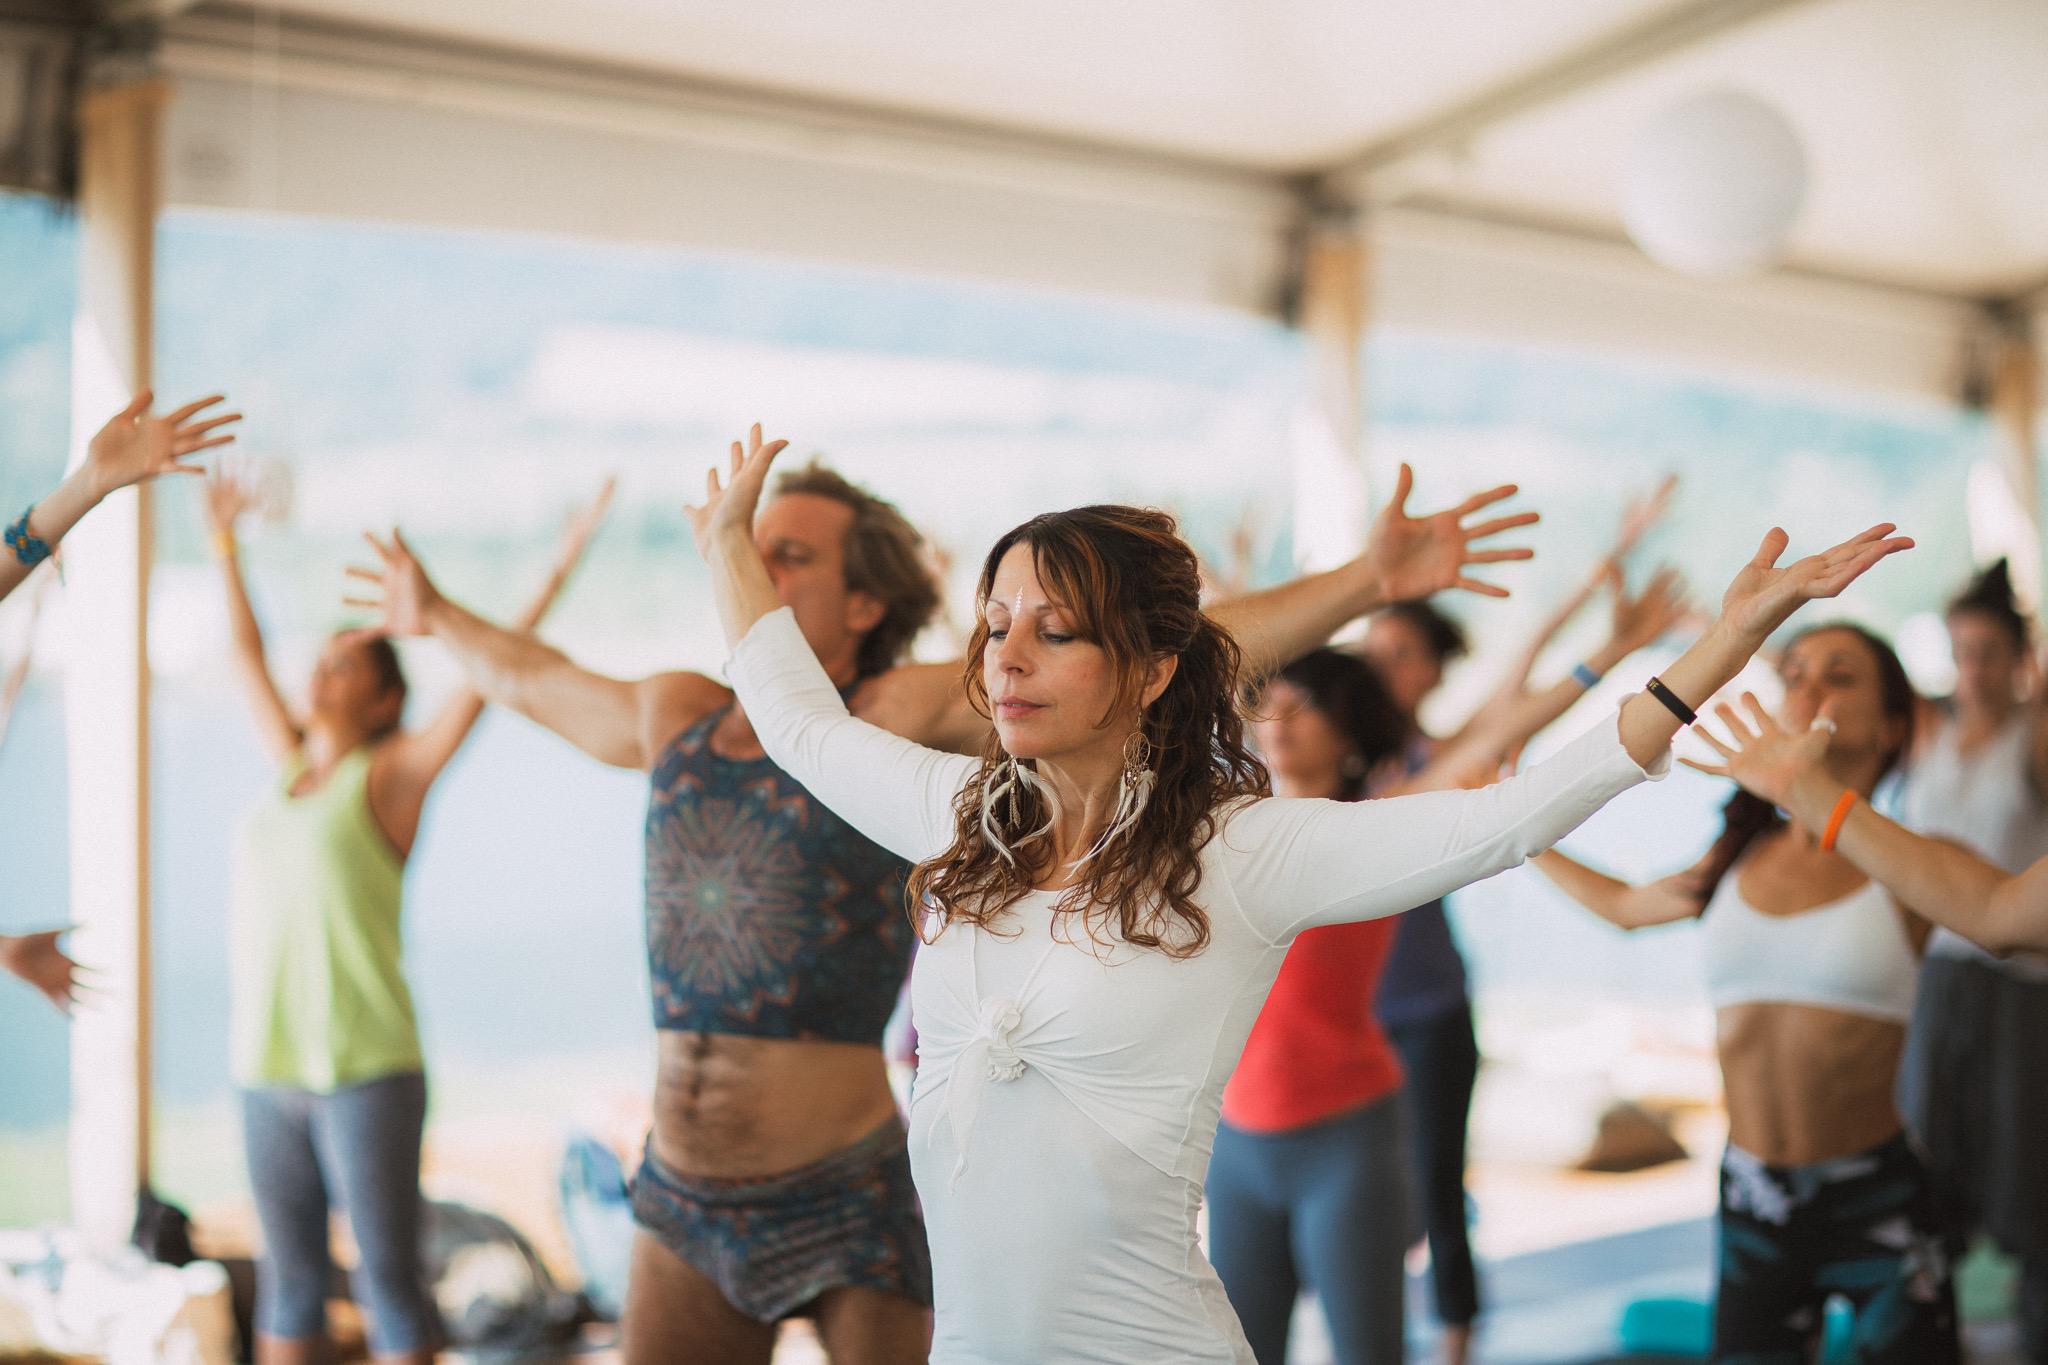 """""""conscious connected breath"""" - Der """"conscious connected breath"""" nährt nicht nur unser Gehirn durch die extra Portion Sauerstoff, sondern auch unsere inneren Organe. Entgegen dem yogischen Pranayama geht es bei Alchemy of Breath darum, die Kontrolle aufzugeben und uns auf diese innere Reise einzulassen. Wir vertrauen unserem Atem und lassen uns von ihm führen.Wir können kleine wie große Momente der Transformation, Verbindung, Inspiration und Erkenntnis erfahren oder auch mit Schattenaspekten unserer Selbst in Kontakt kommen. Manchmal haben wir einfach eine entspannte, näährende Atemreise zu uns und in unseren Körper."""